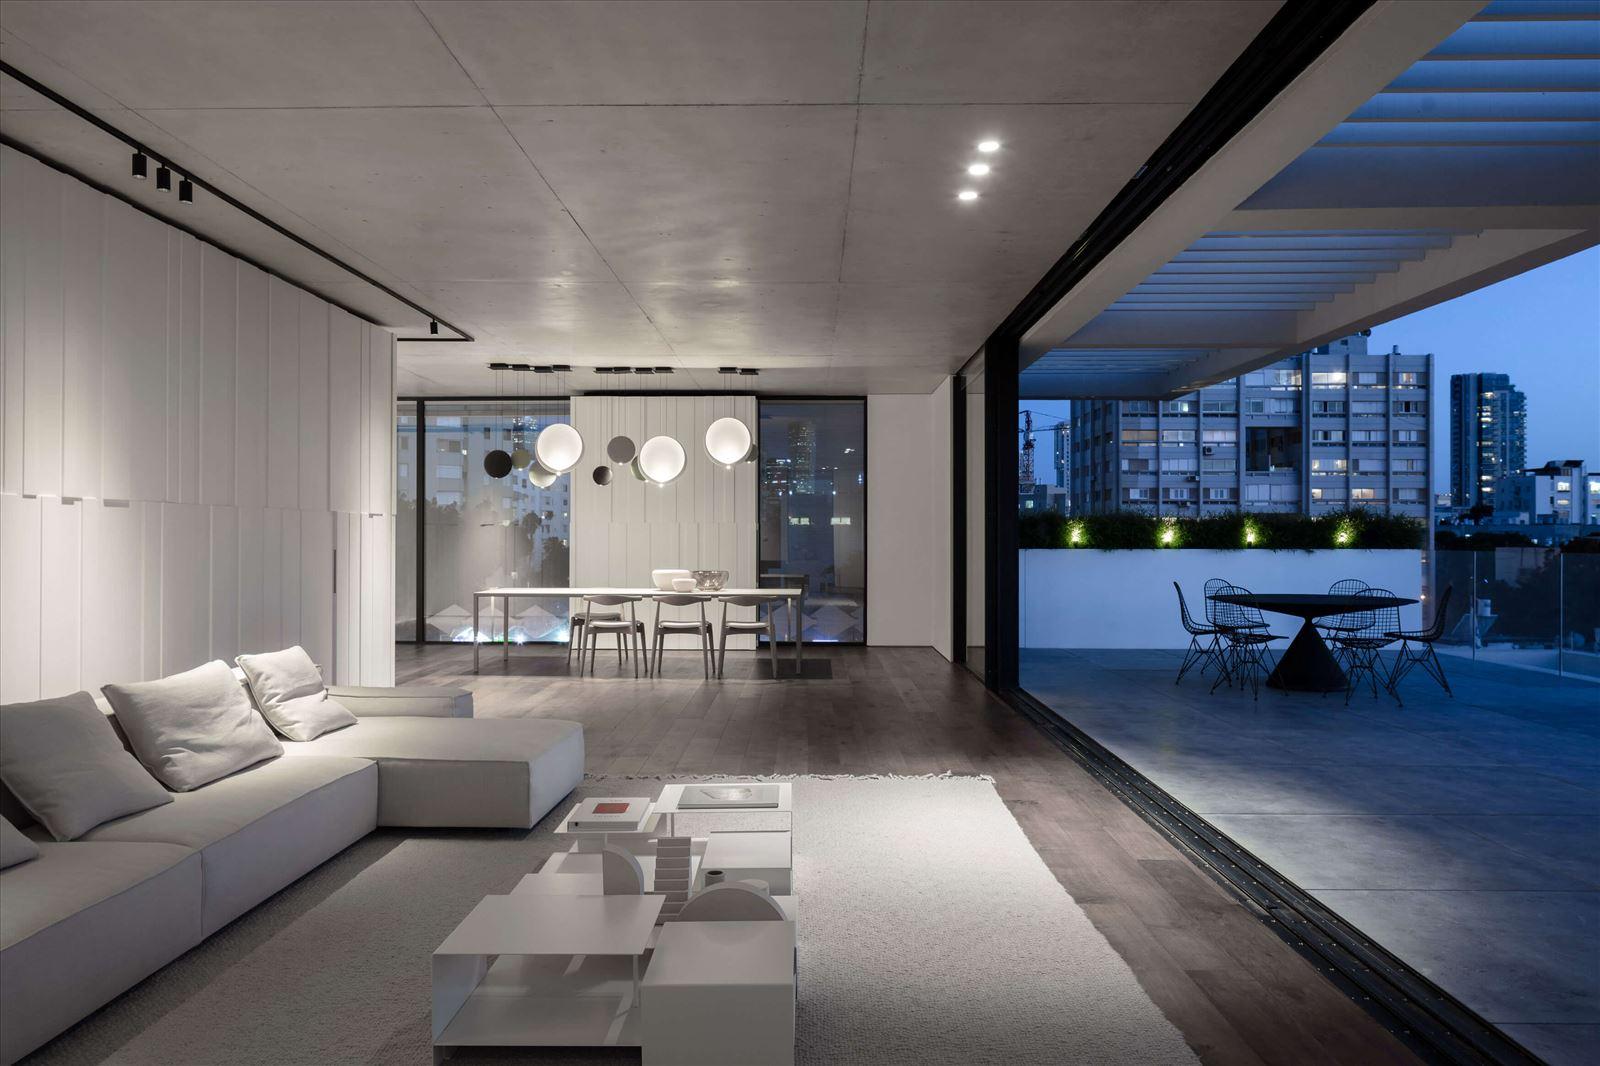 באיזה אזורים בבית מומלץ להתקין מנורות תקרה צמודות